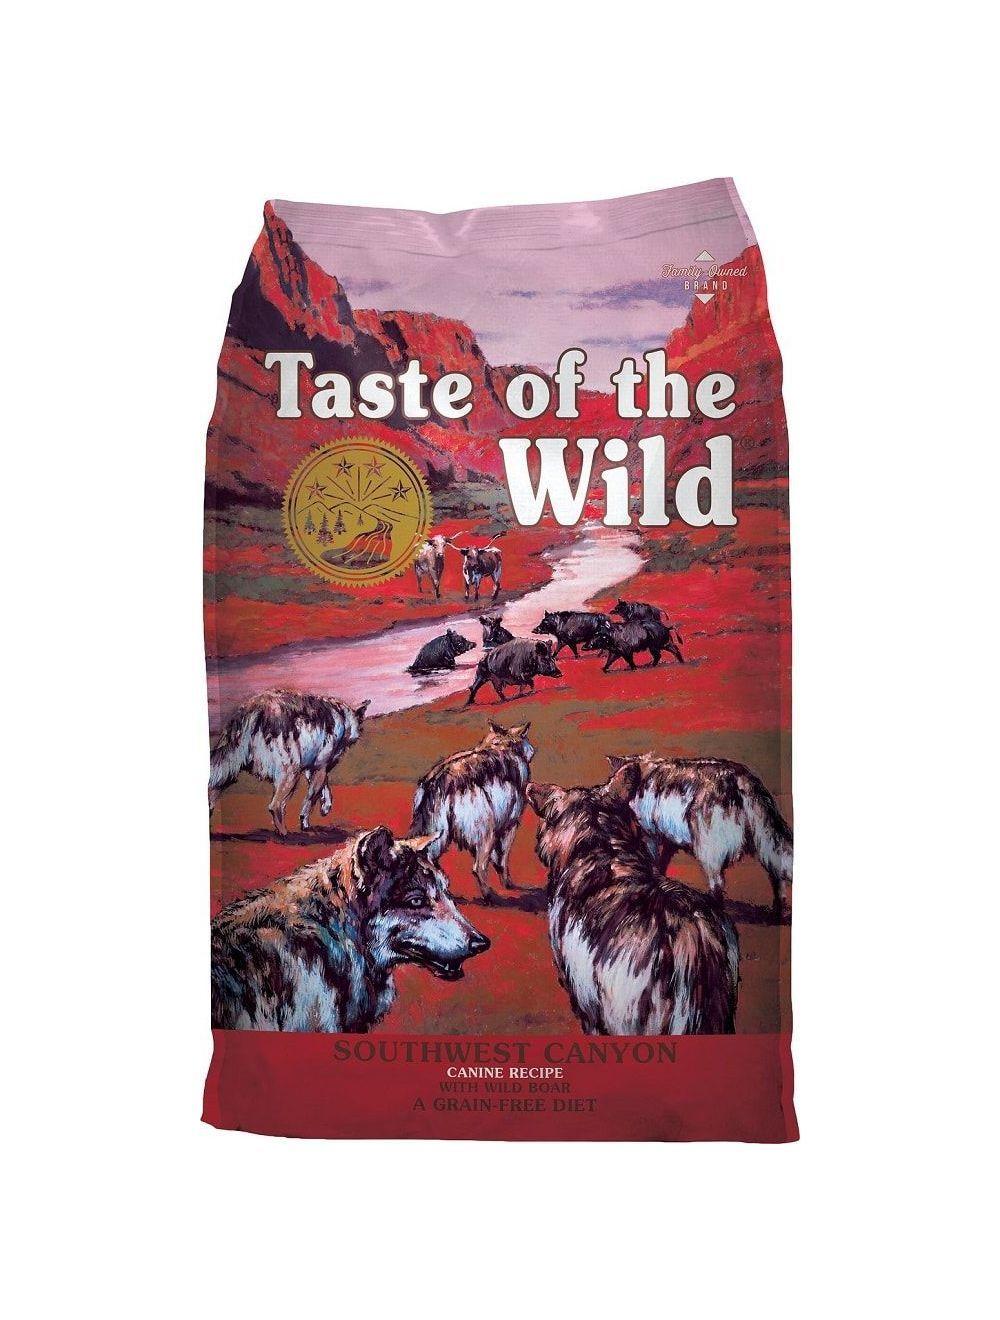 Comida Taste Of The Wild Southwest Canyon - Ciudaddemascotas.com